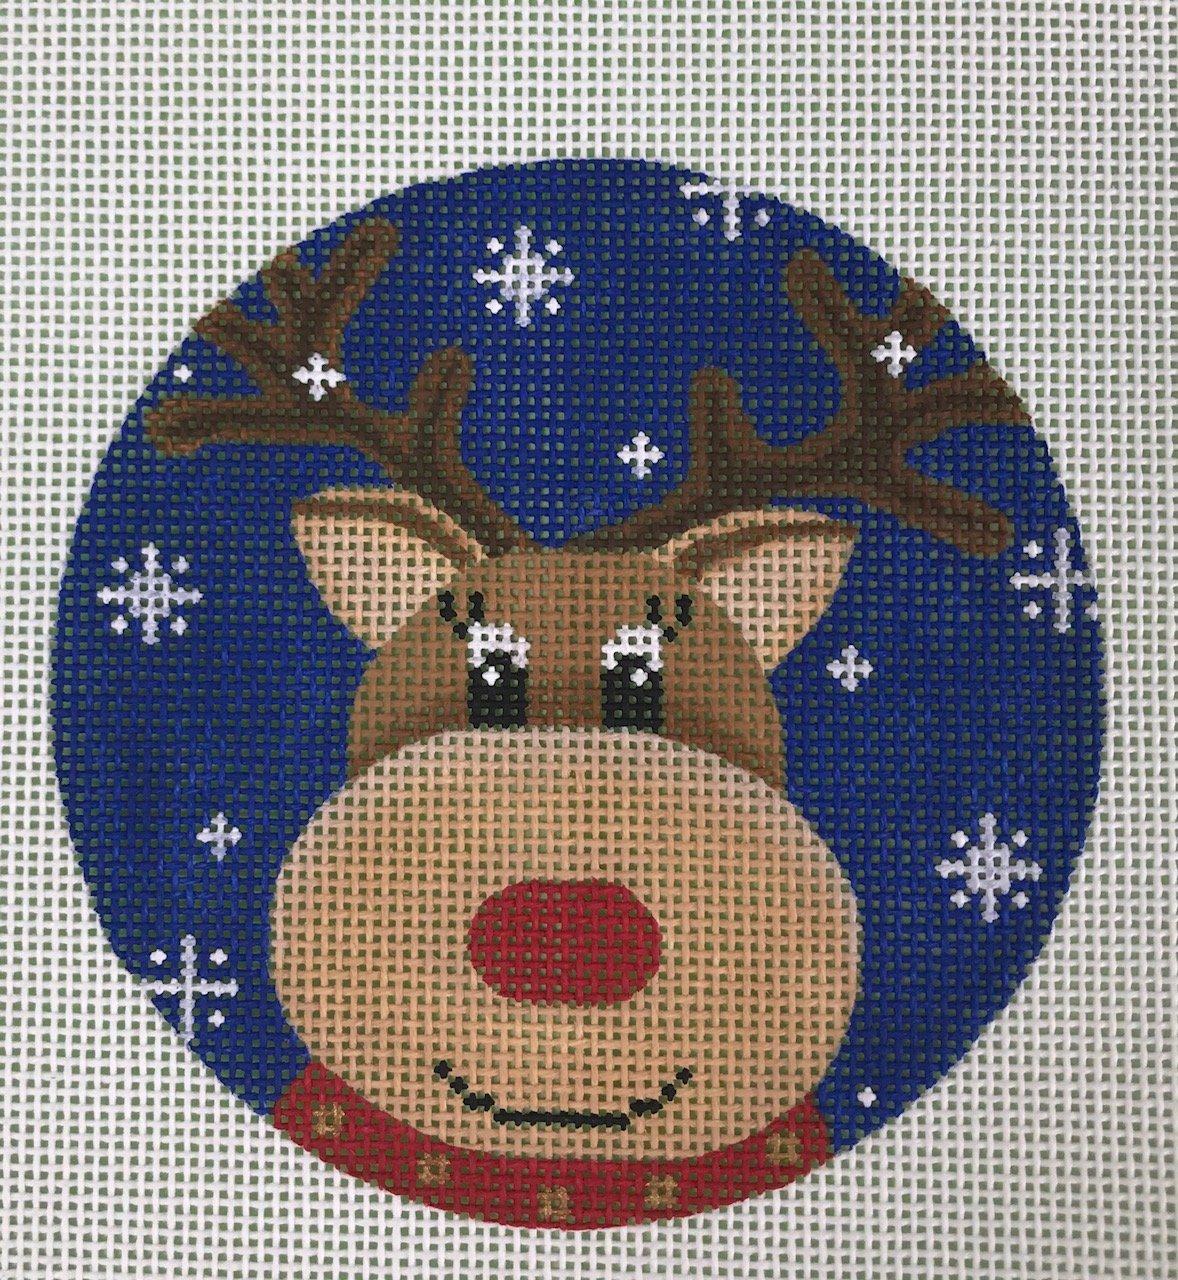 Reindeer on Blue Snowflake